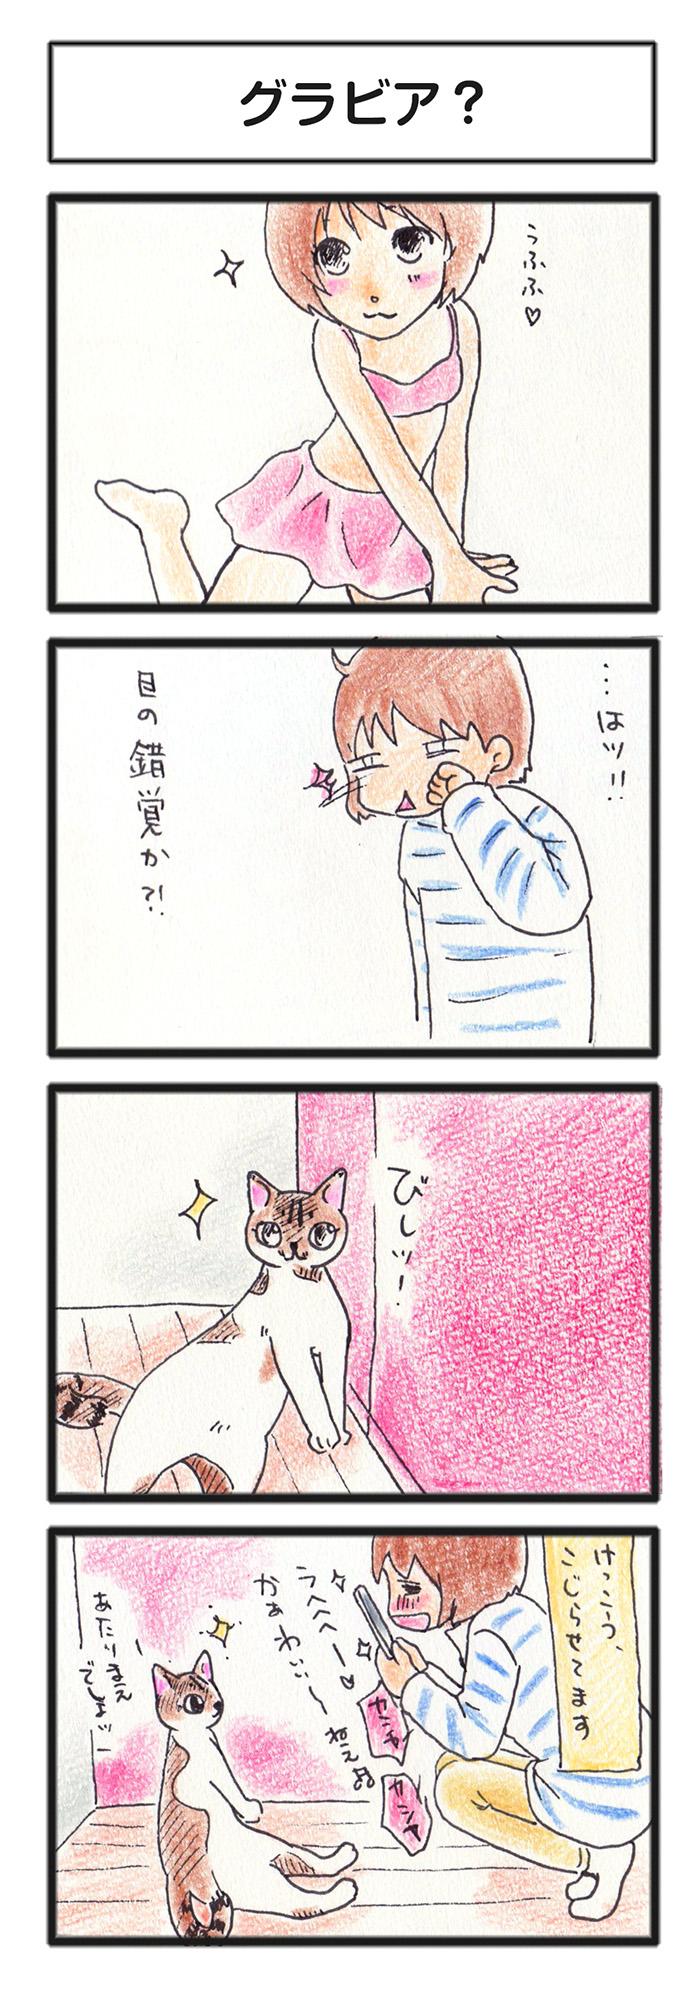 comic_4c_14120903.jpg